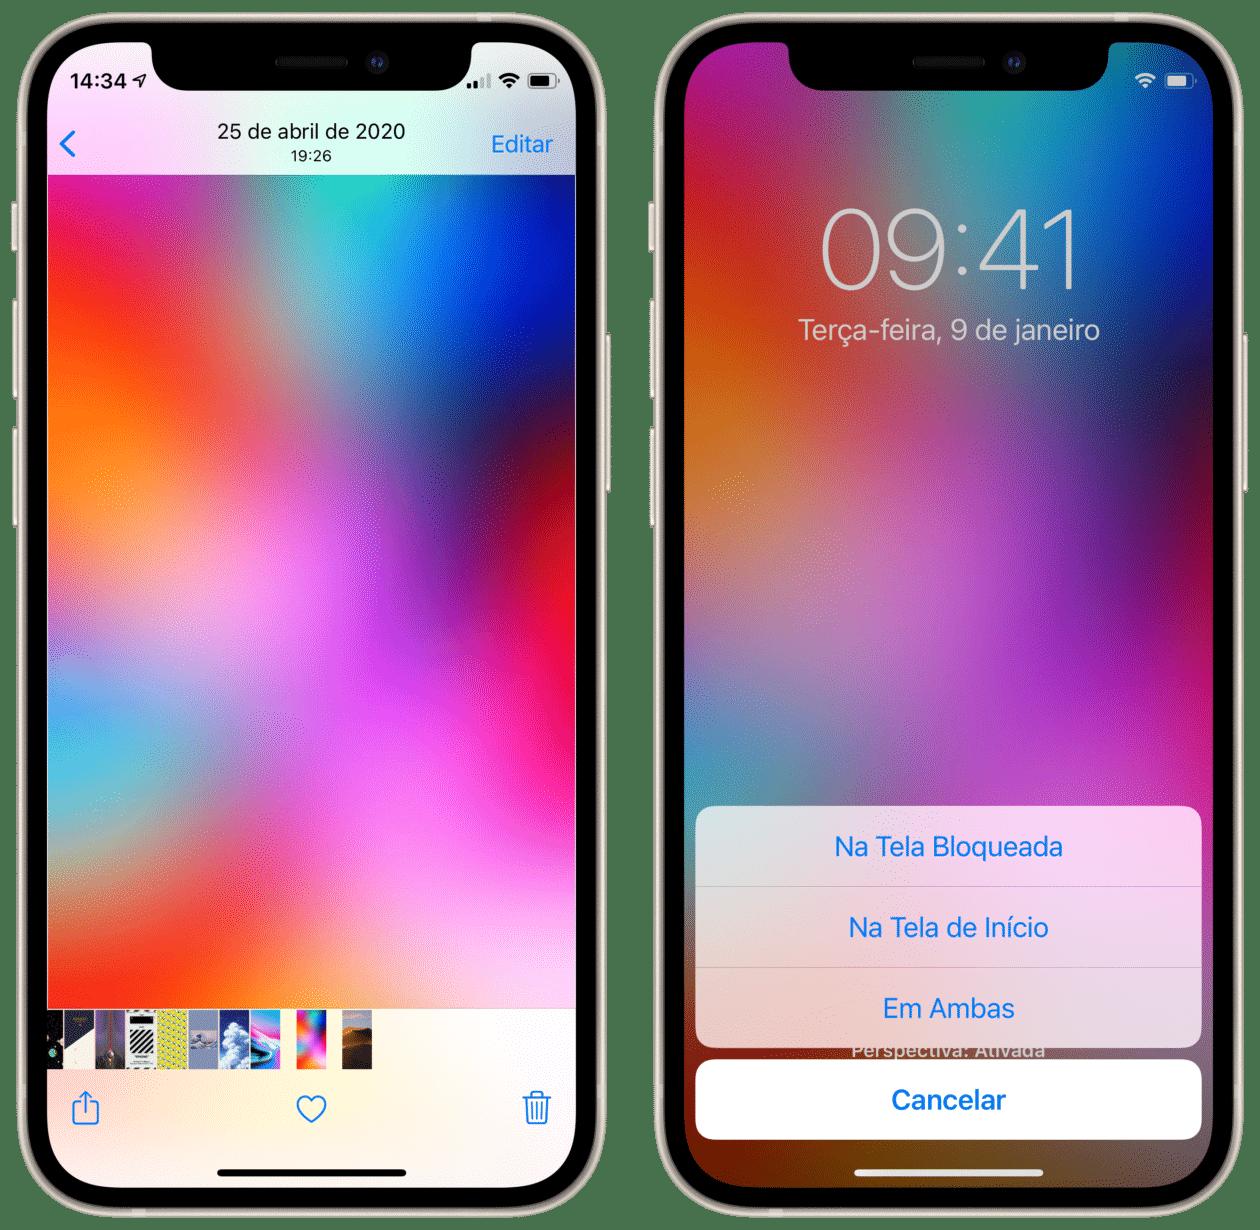 Escolhendo uma foto como wallpaper no iPhone